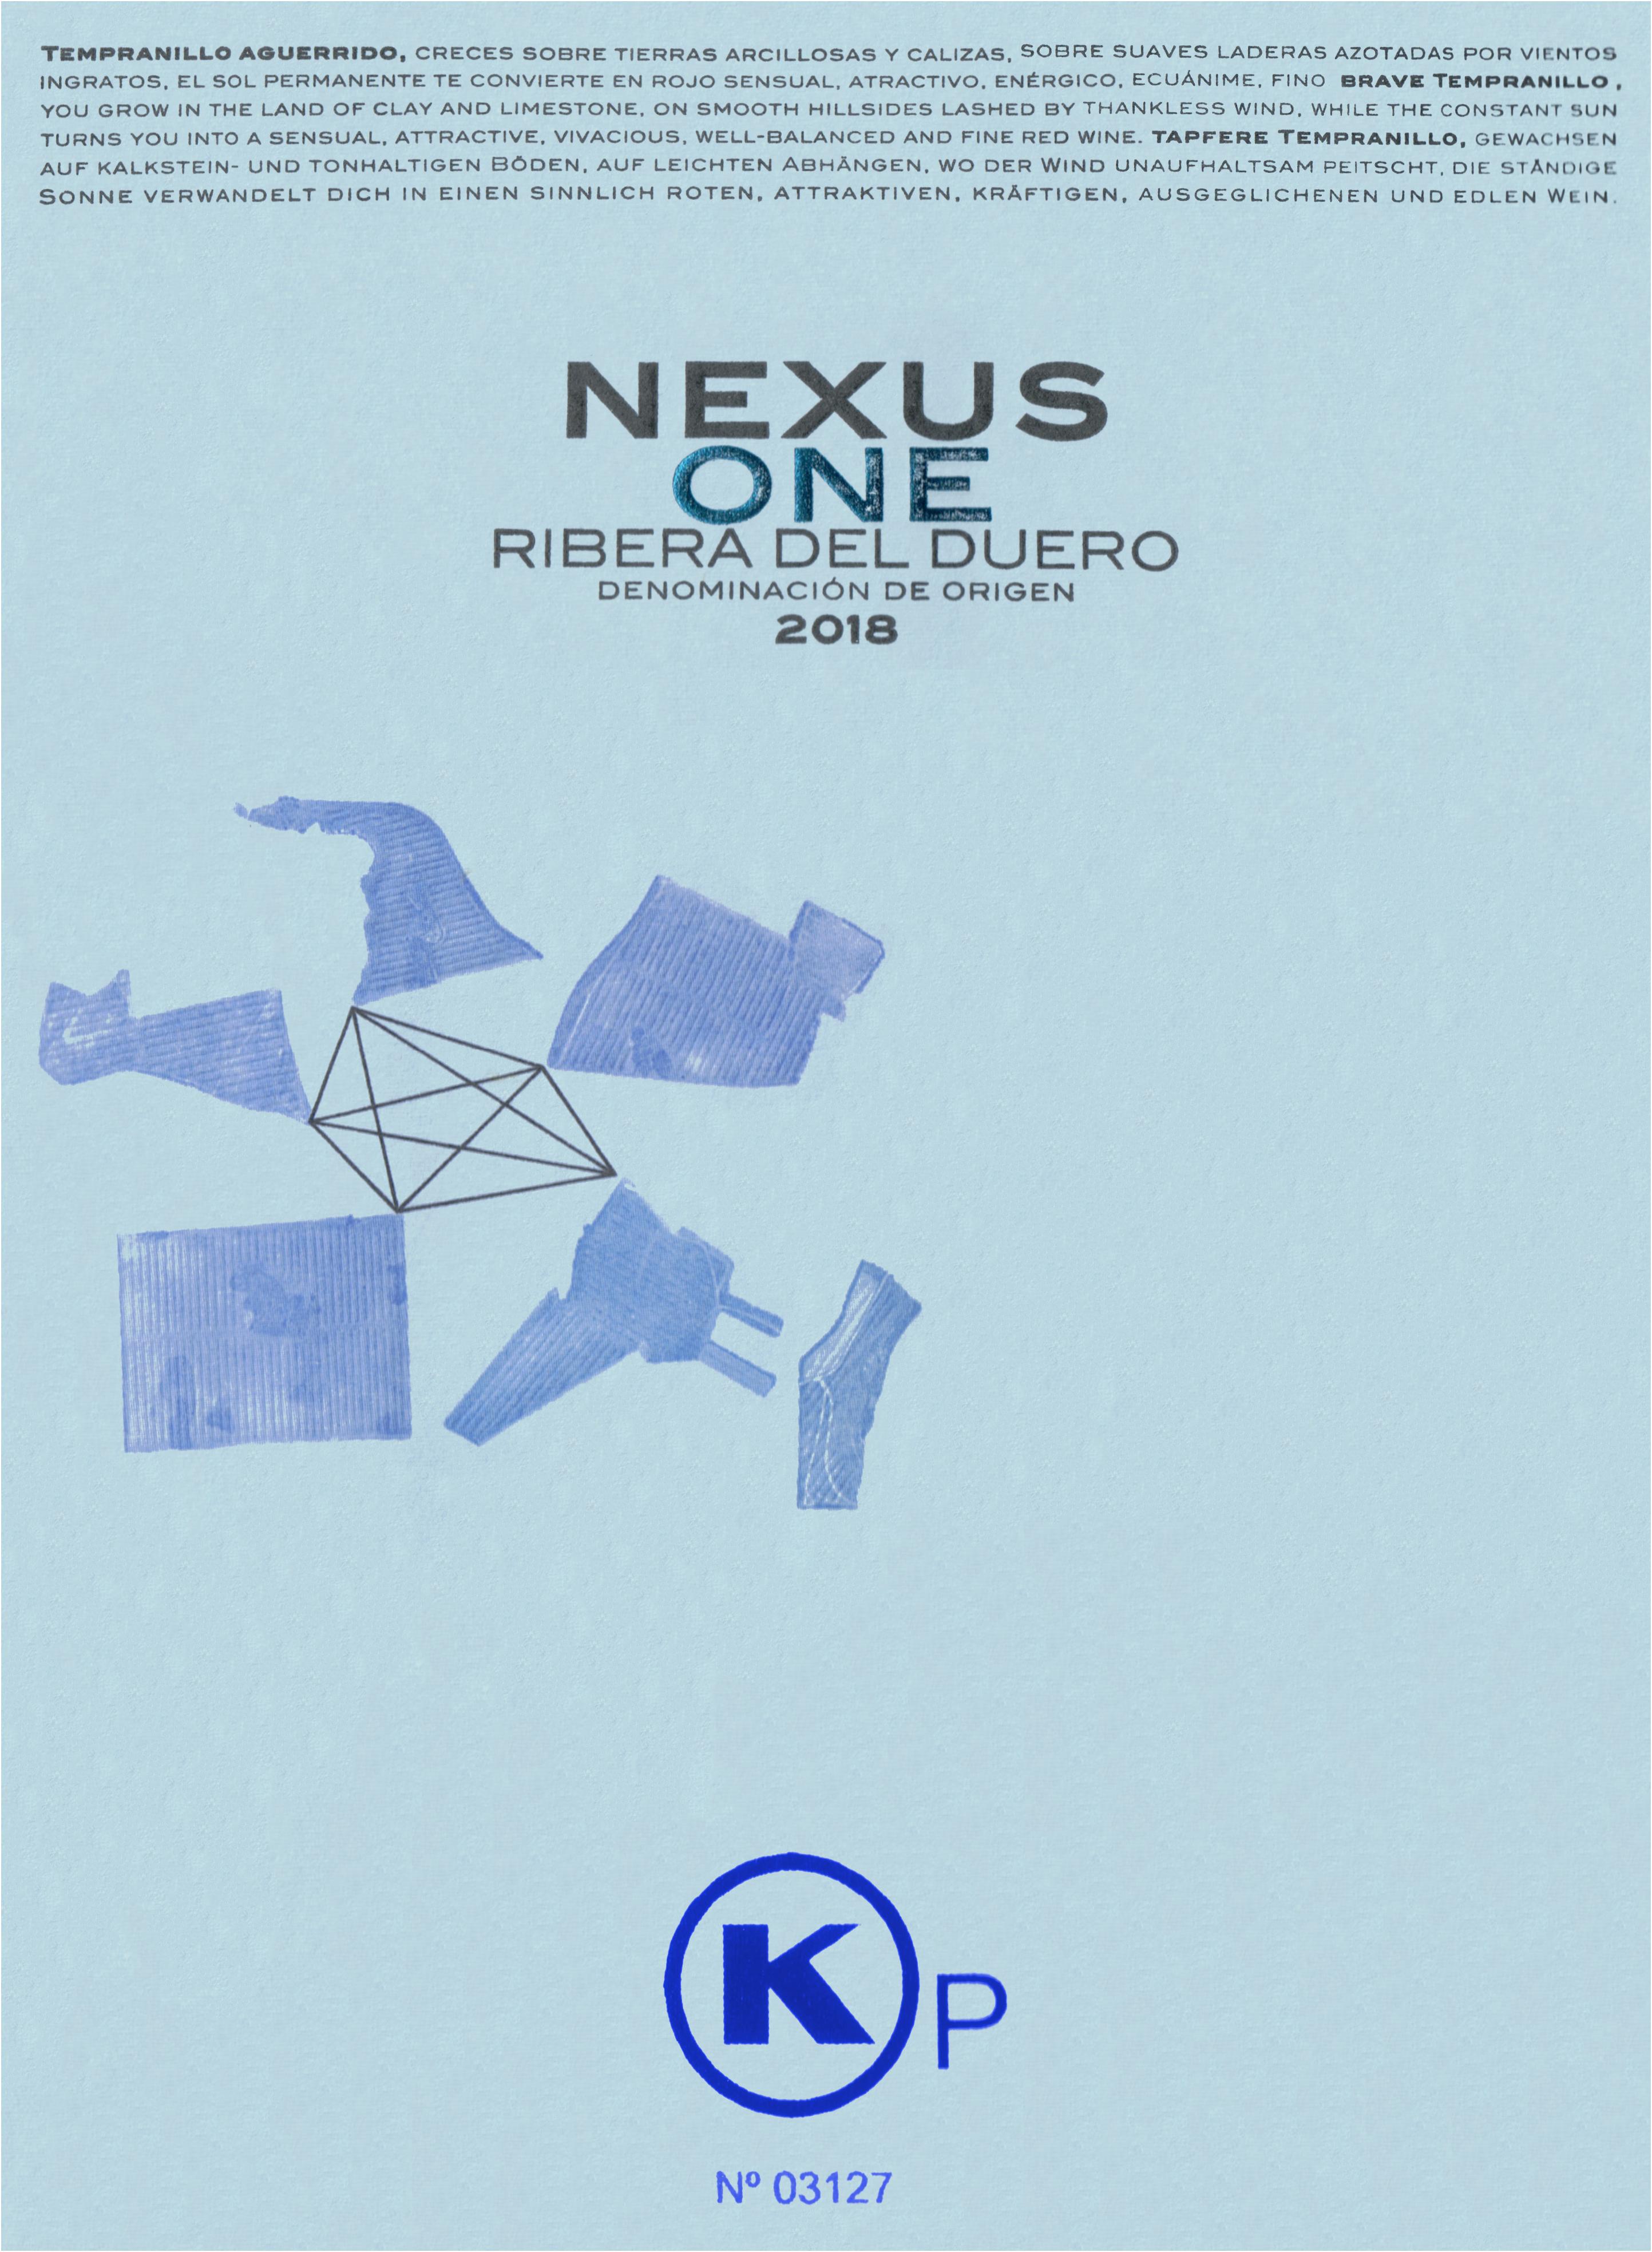 Bodegas Nexus Ribera Del Duero One (K)P 2018